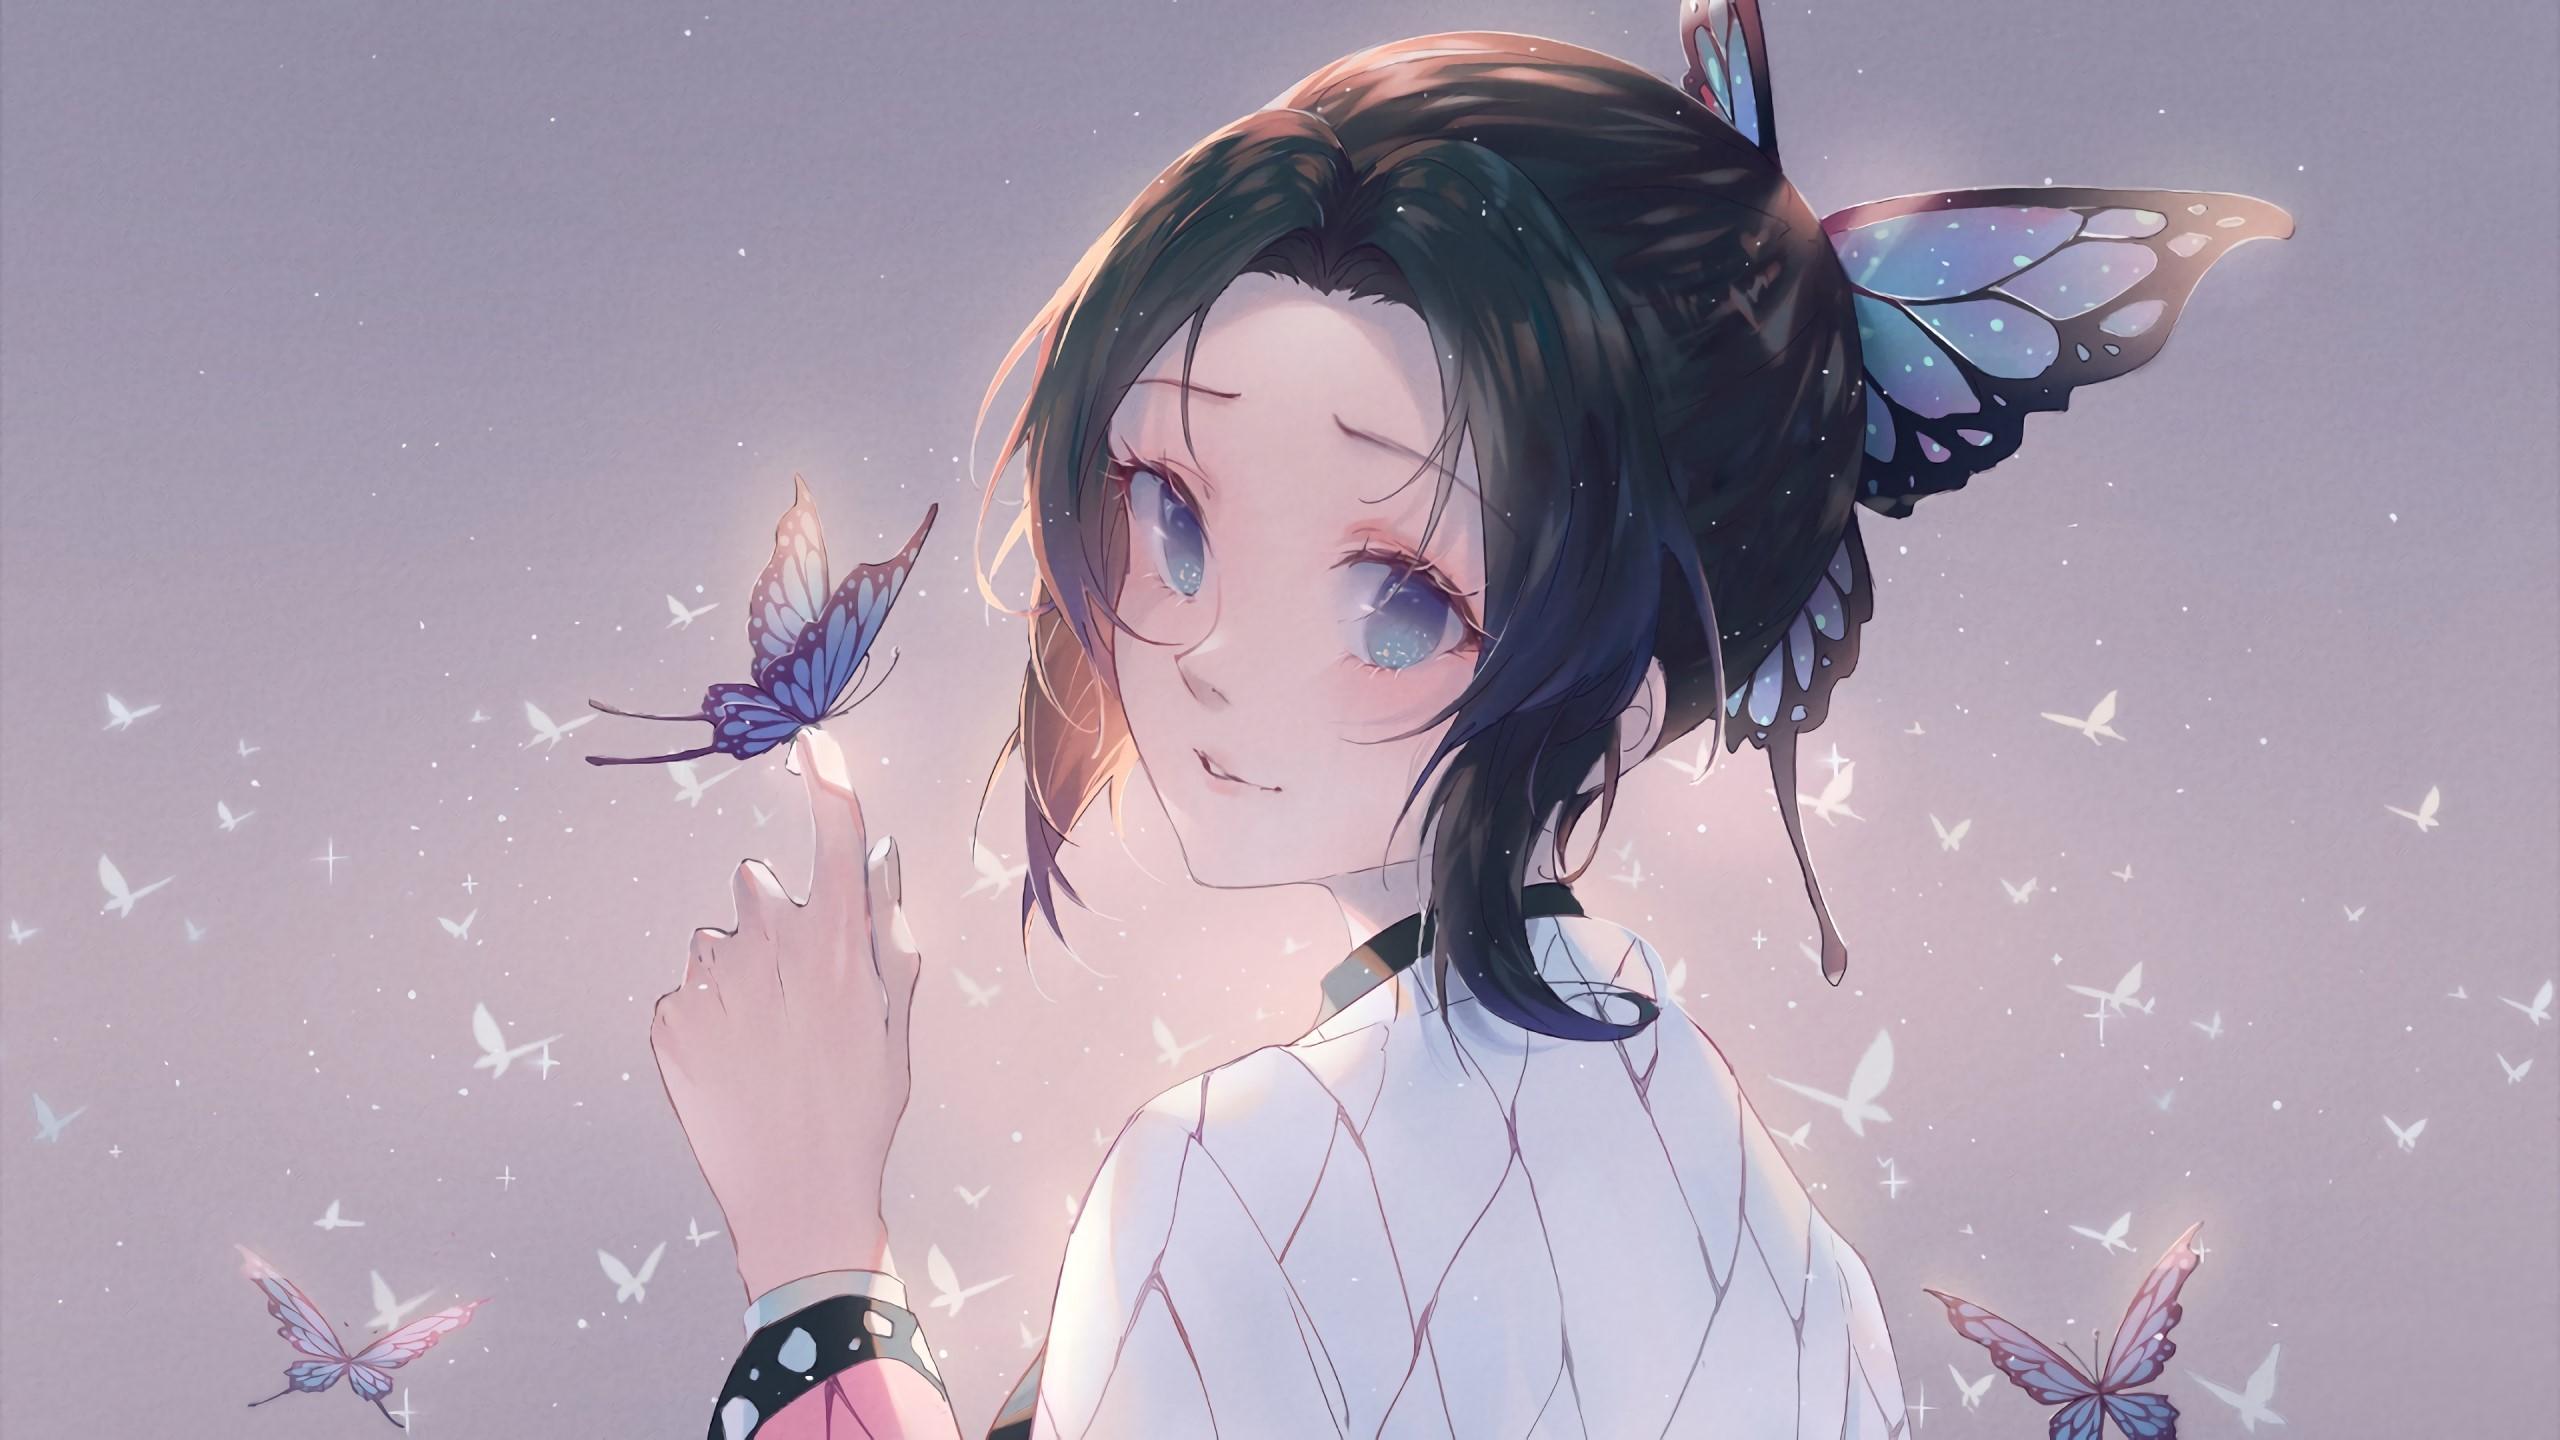 Shinobu Kocho Anime Wallpaper